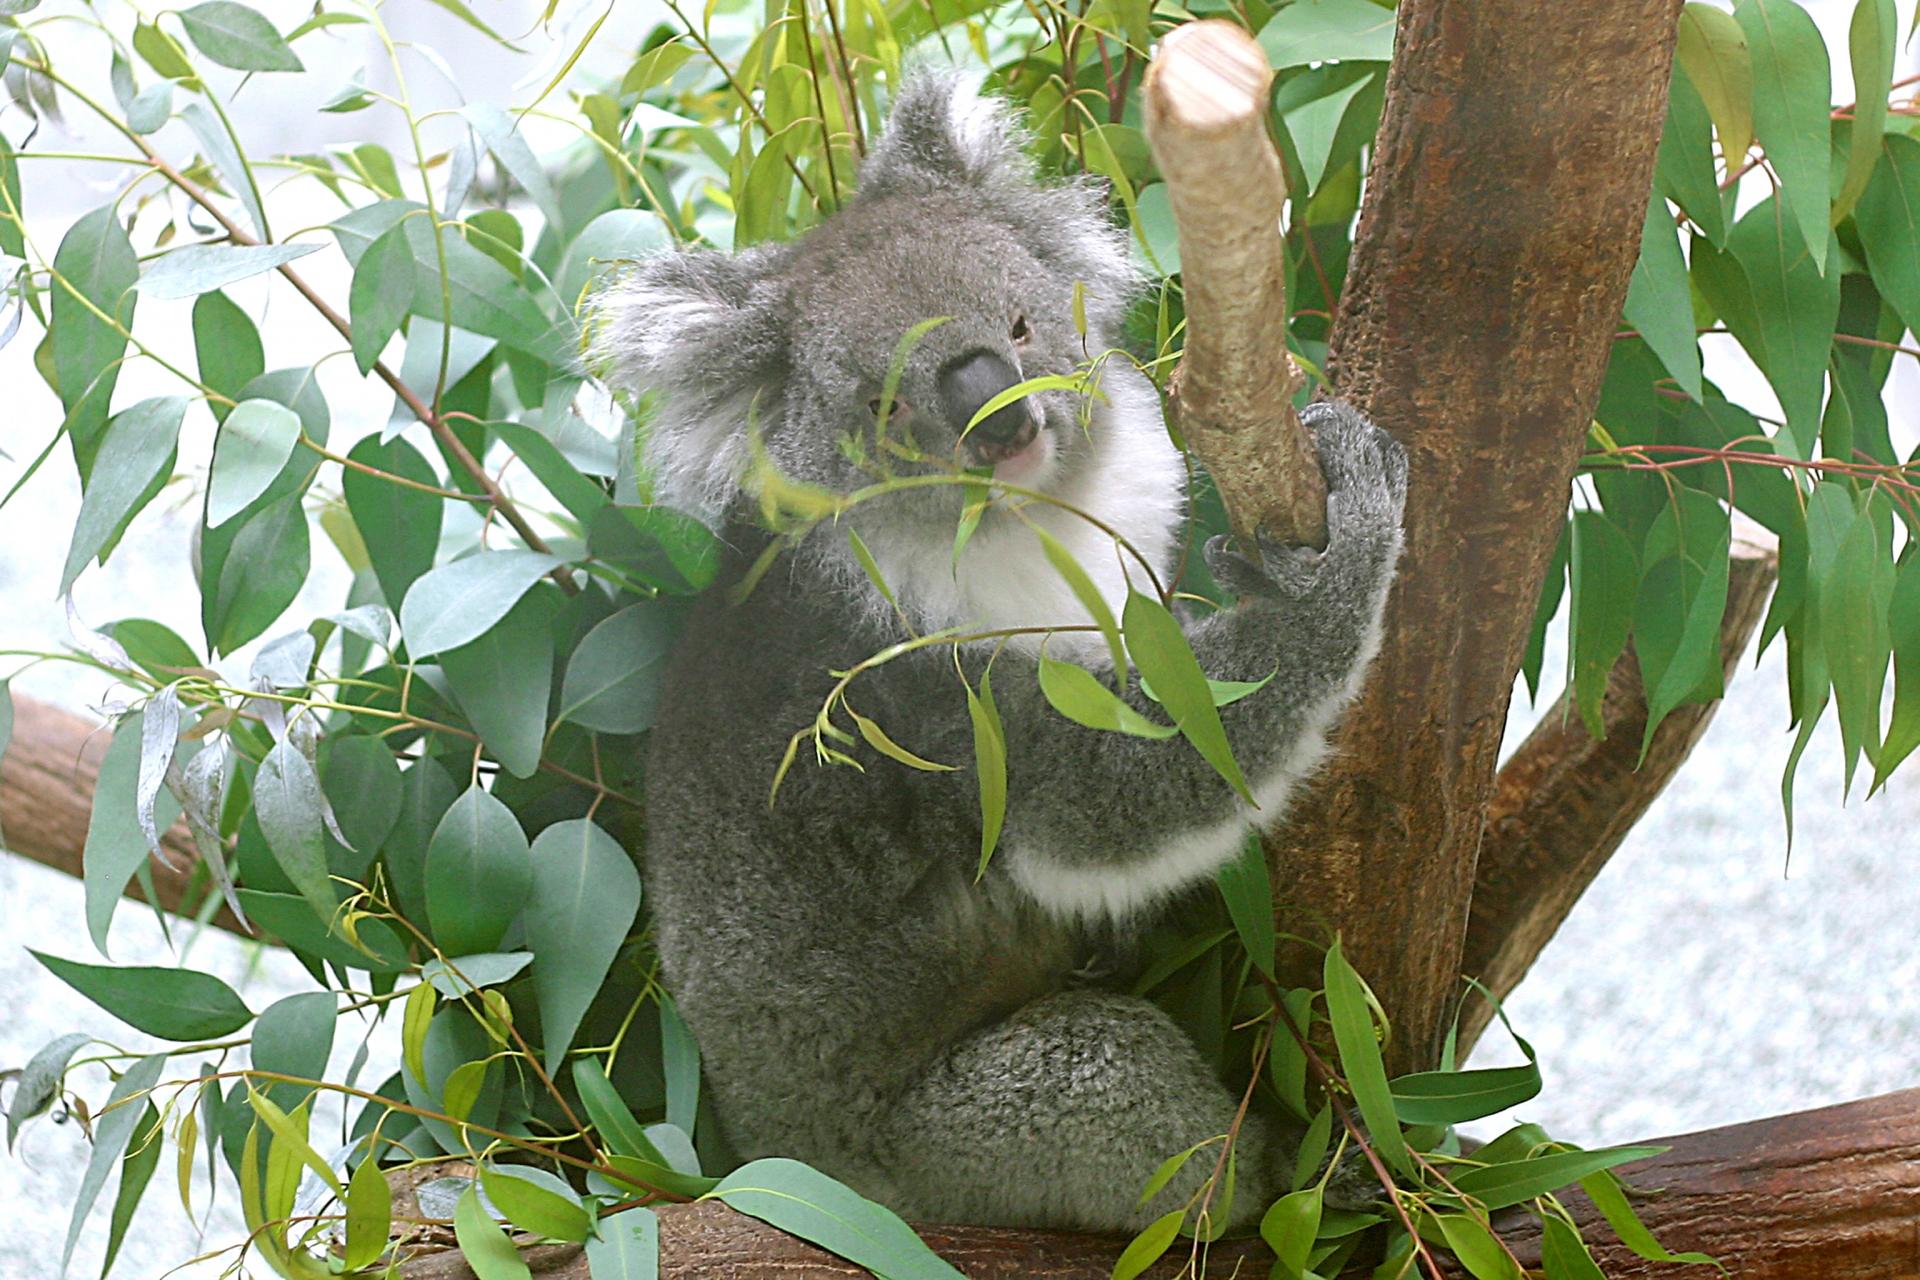 埼玉県こども動物自然公園は1日楽しめる人気スポット!子供が喜ぶ無料体験も!